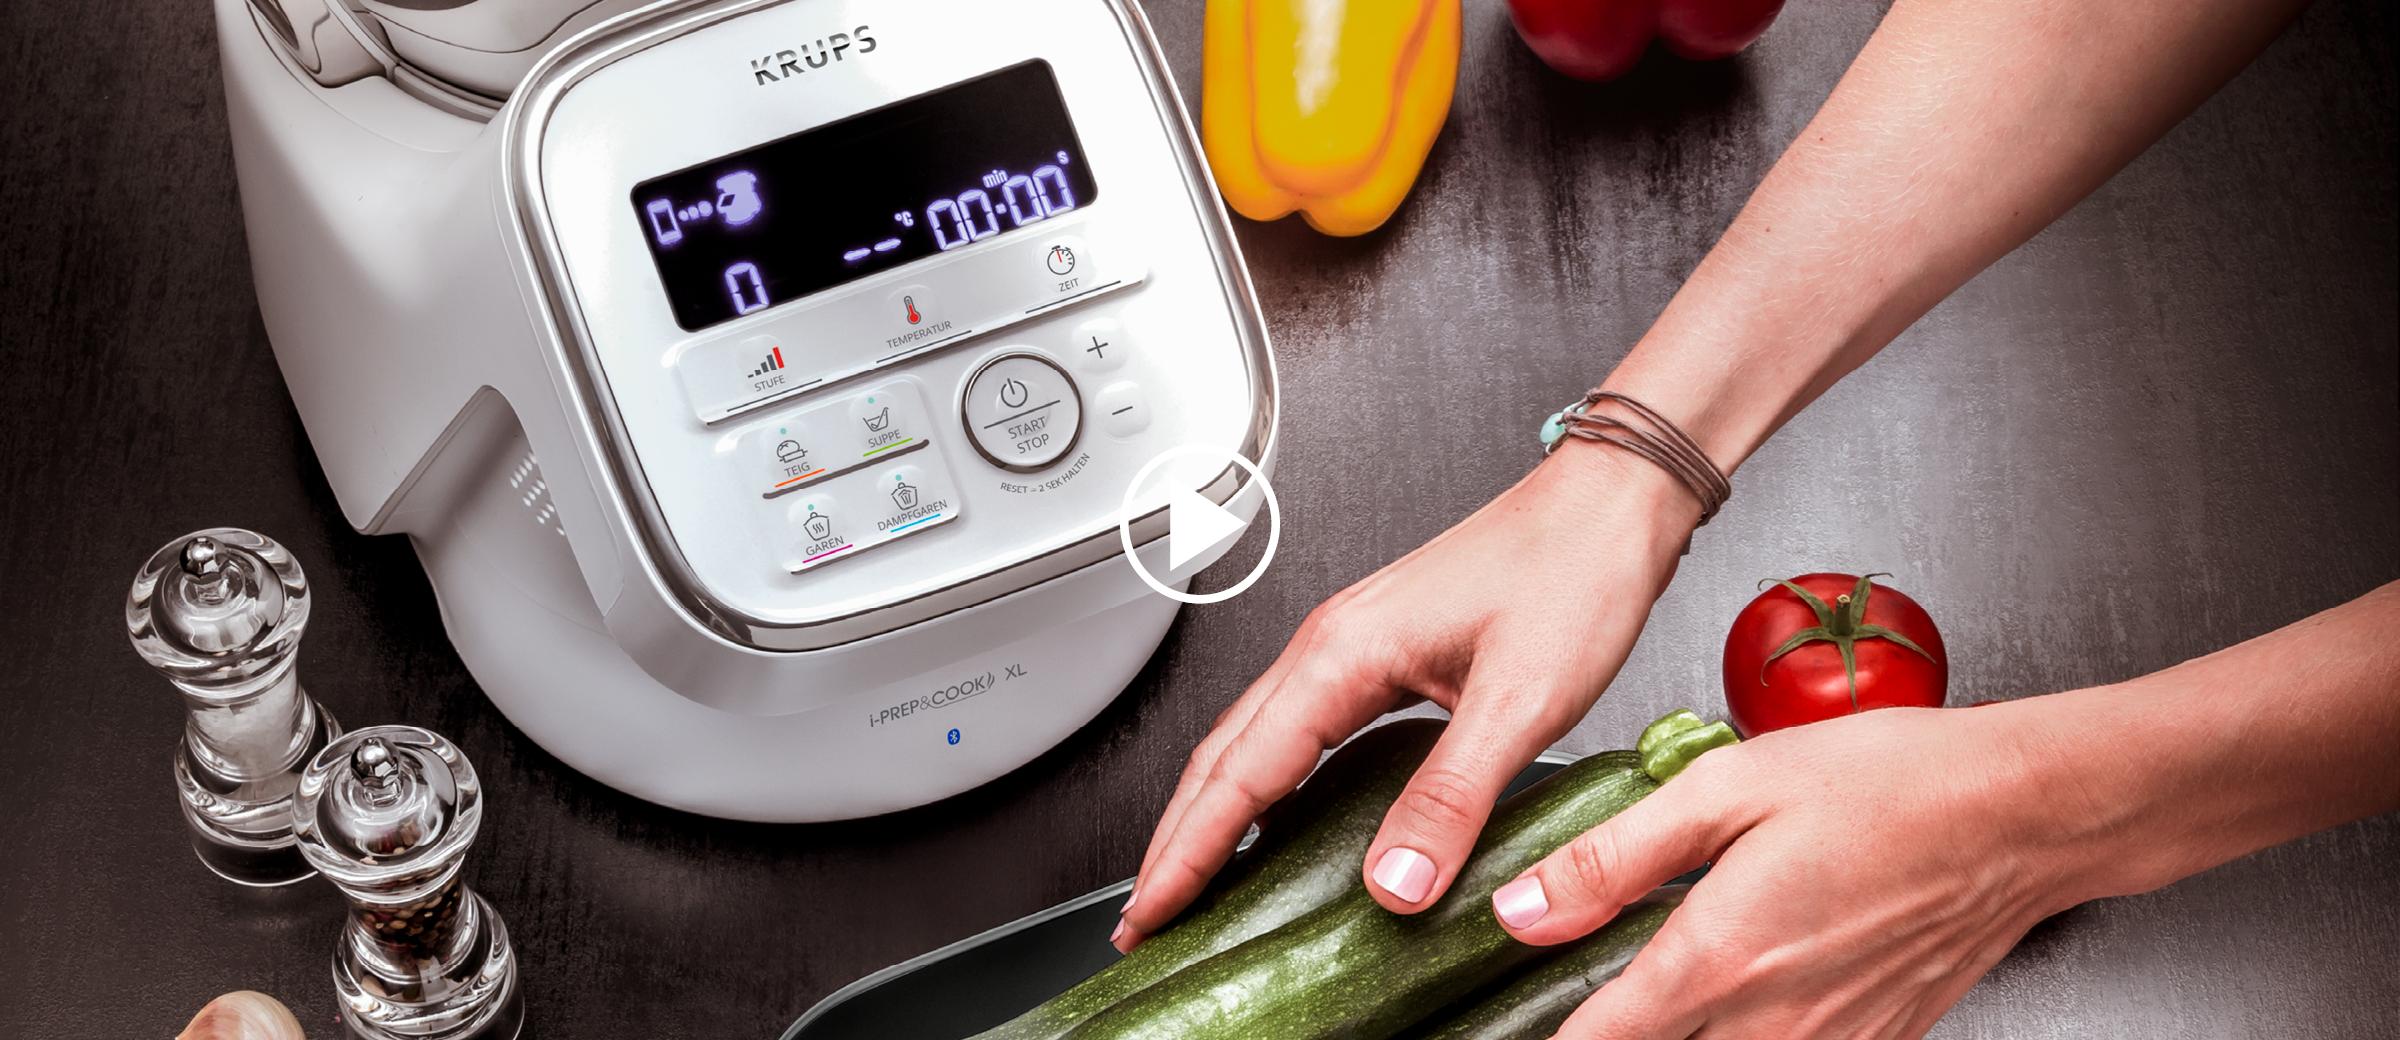 Die iPerp&Cook XL lässt sich mühelos über die APP bedienen